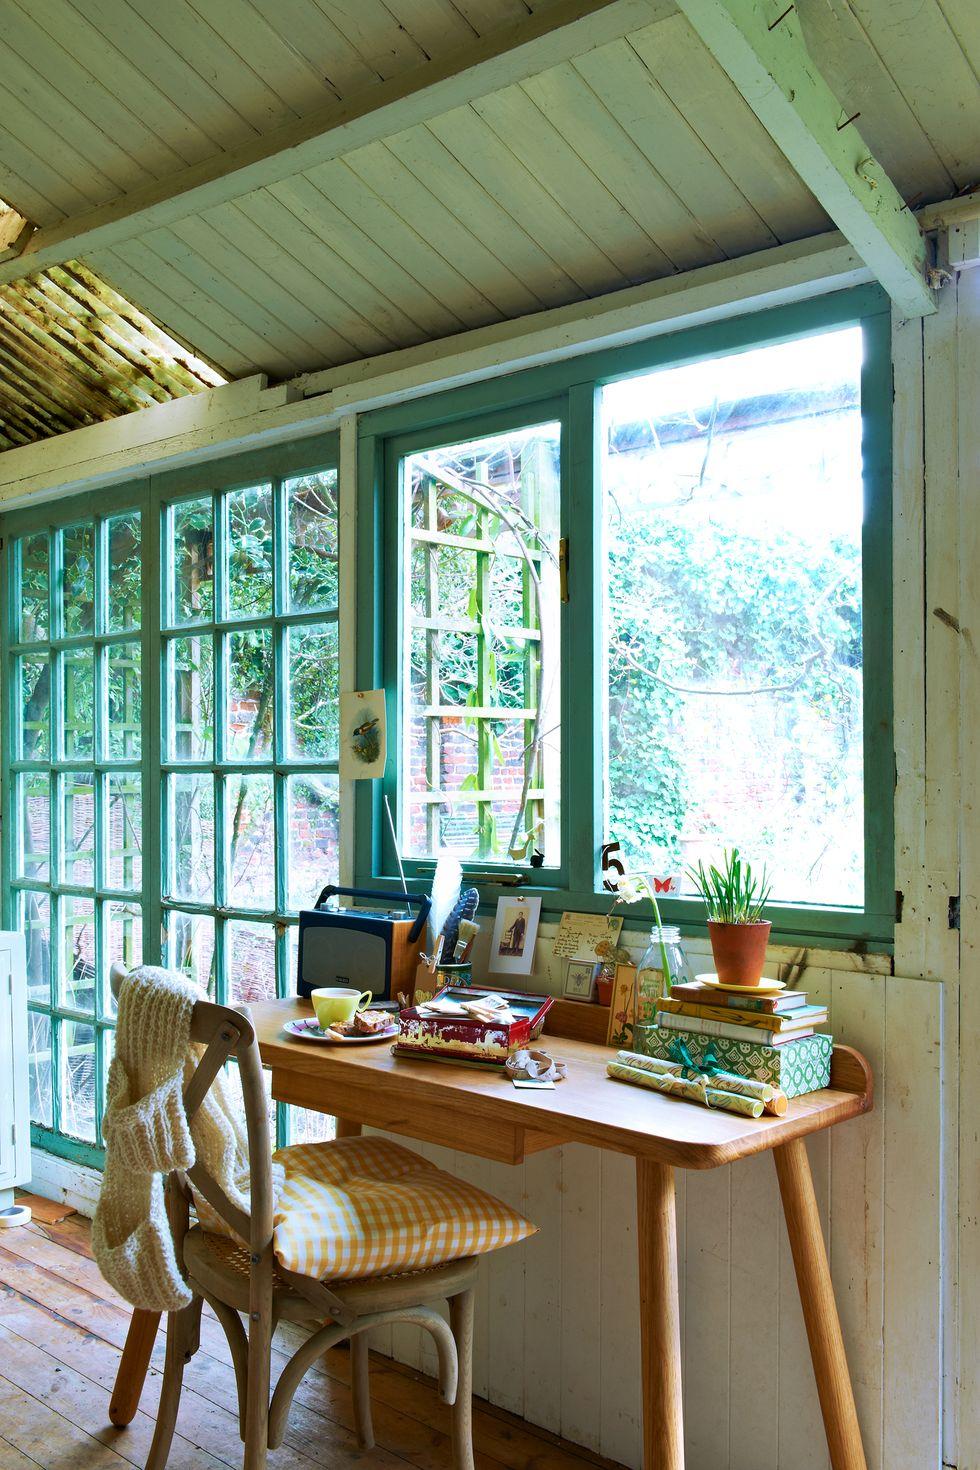 Những cây xanh tươi tạo nên khung cảnh cho một văn phòng làm việc tại nhà êm dịu do Ingrid Rasmussen thiết kế . Bộ dụng cụ này cho phép bạn tự lắp ráp một chiếc bàn gỗ tương tự chỉ trong một vài bước dễ làm theo.